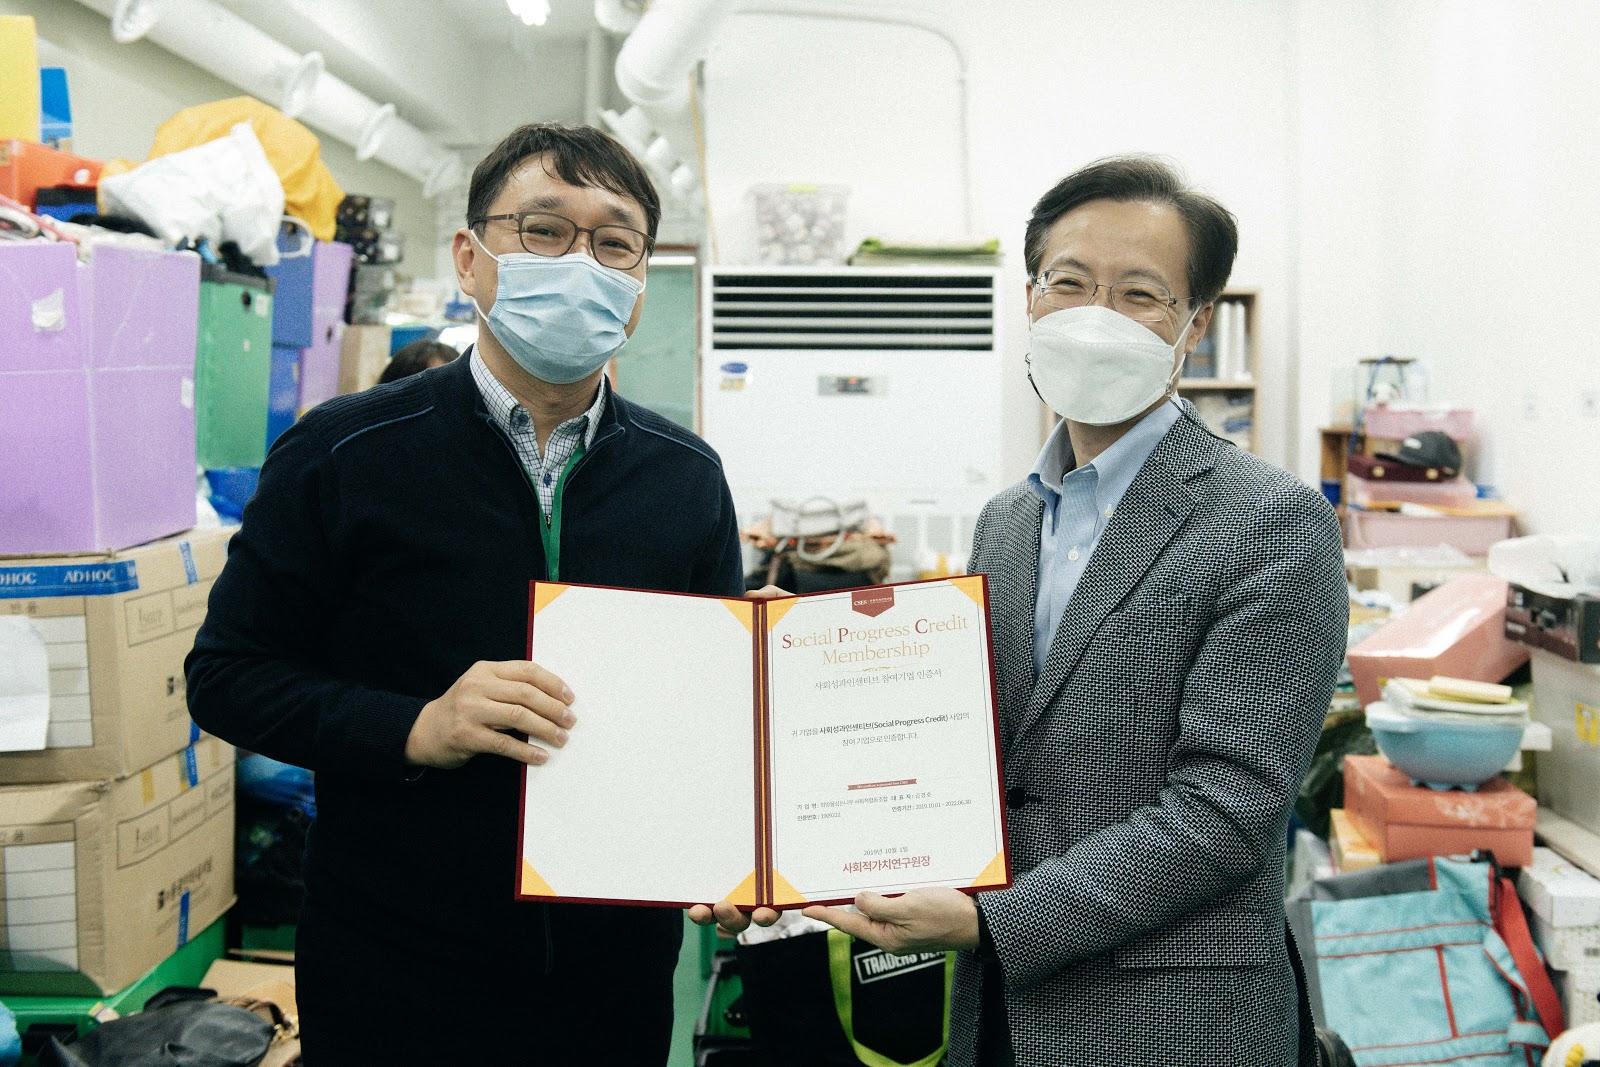 사회성과인센티브 프로그램 참여에 대한 감사패와 인증서 전달(왼쪽부터 김경호 대표, 나석권 원장)하는 사진